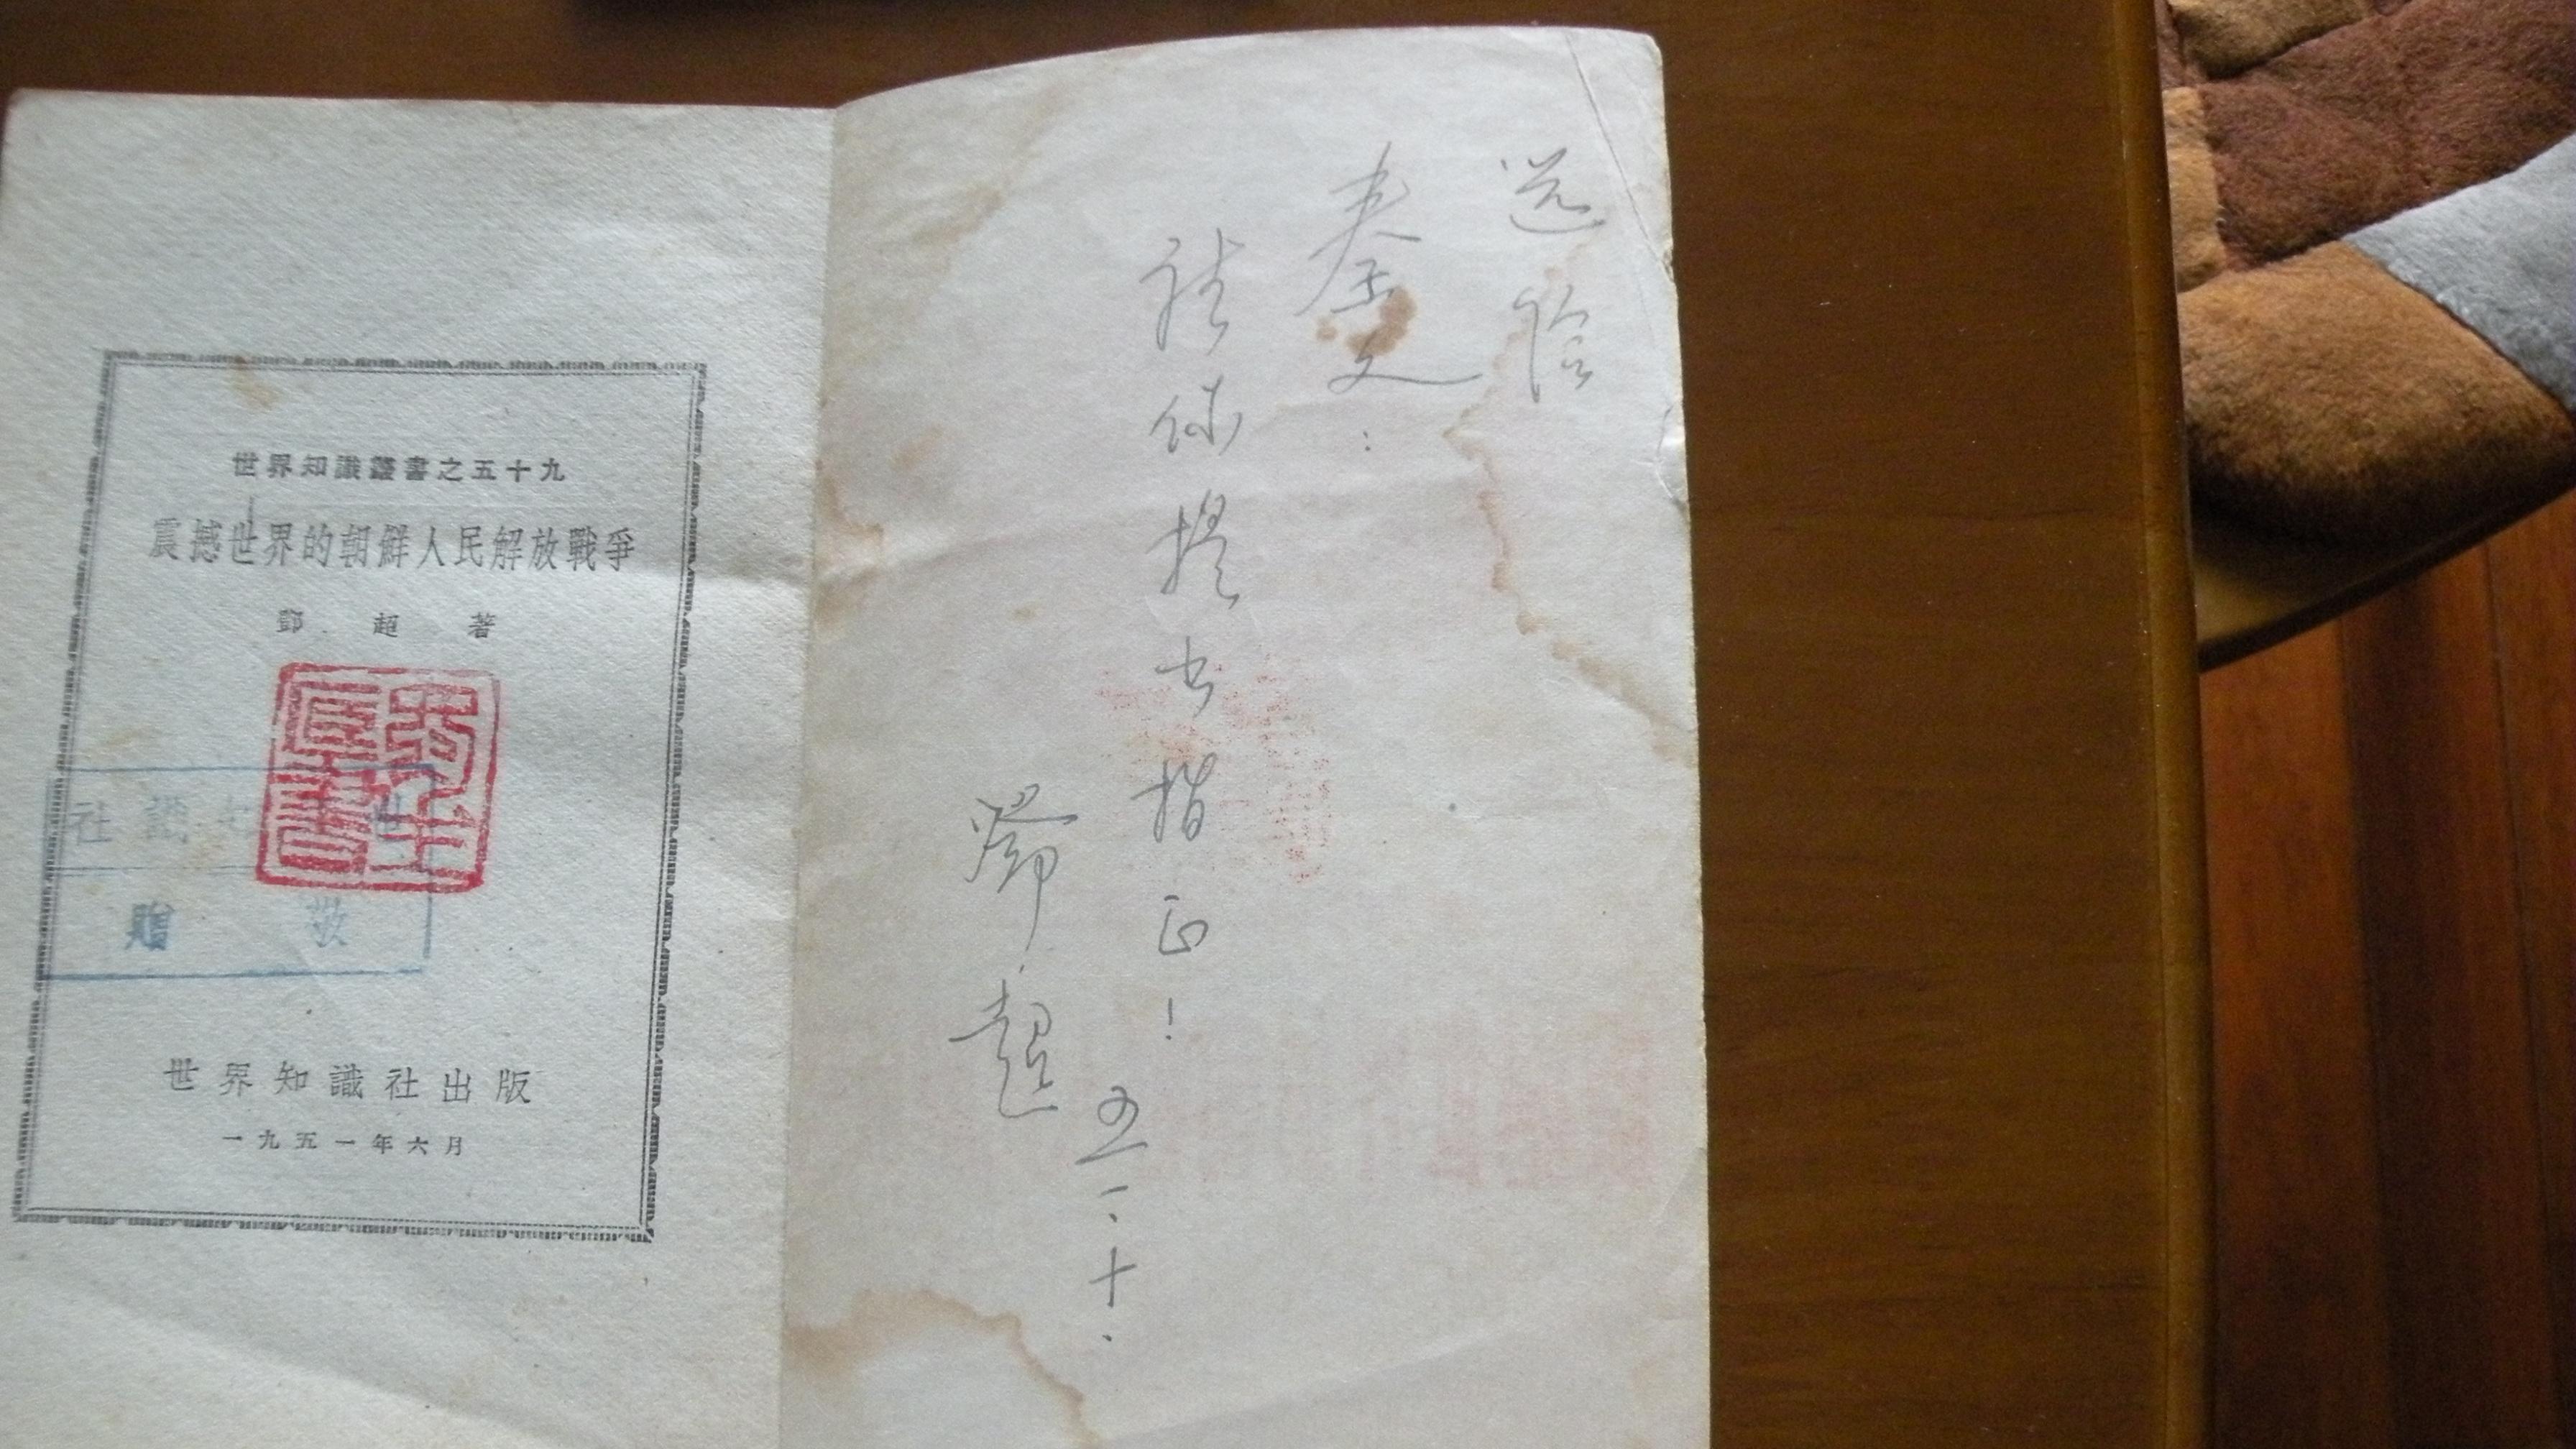 五07 震撼世界的朝鲜人民解放战争(1950)扉页.JPG